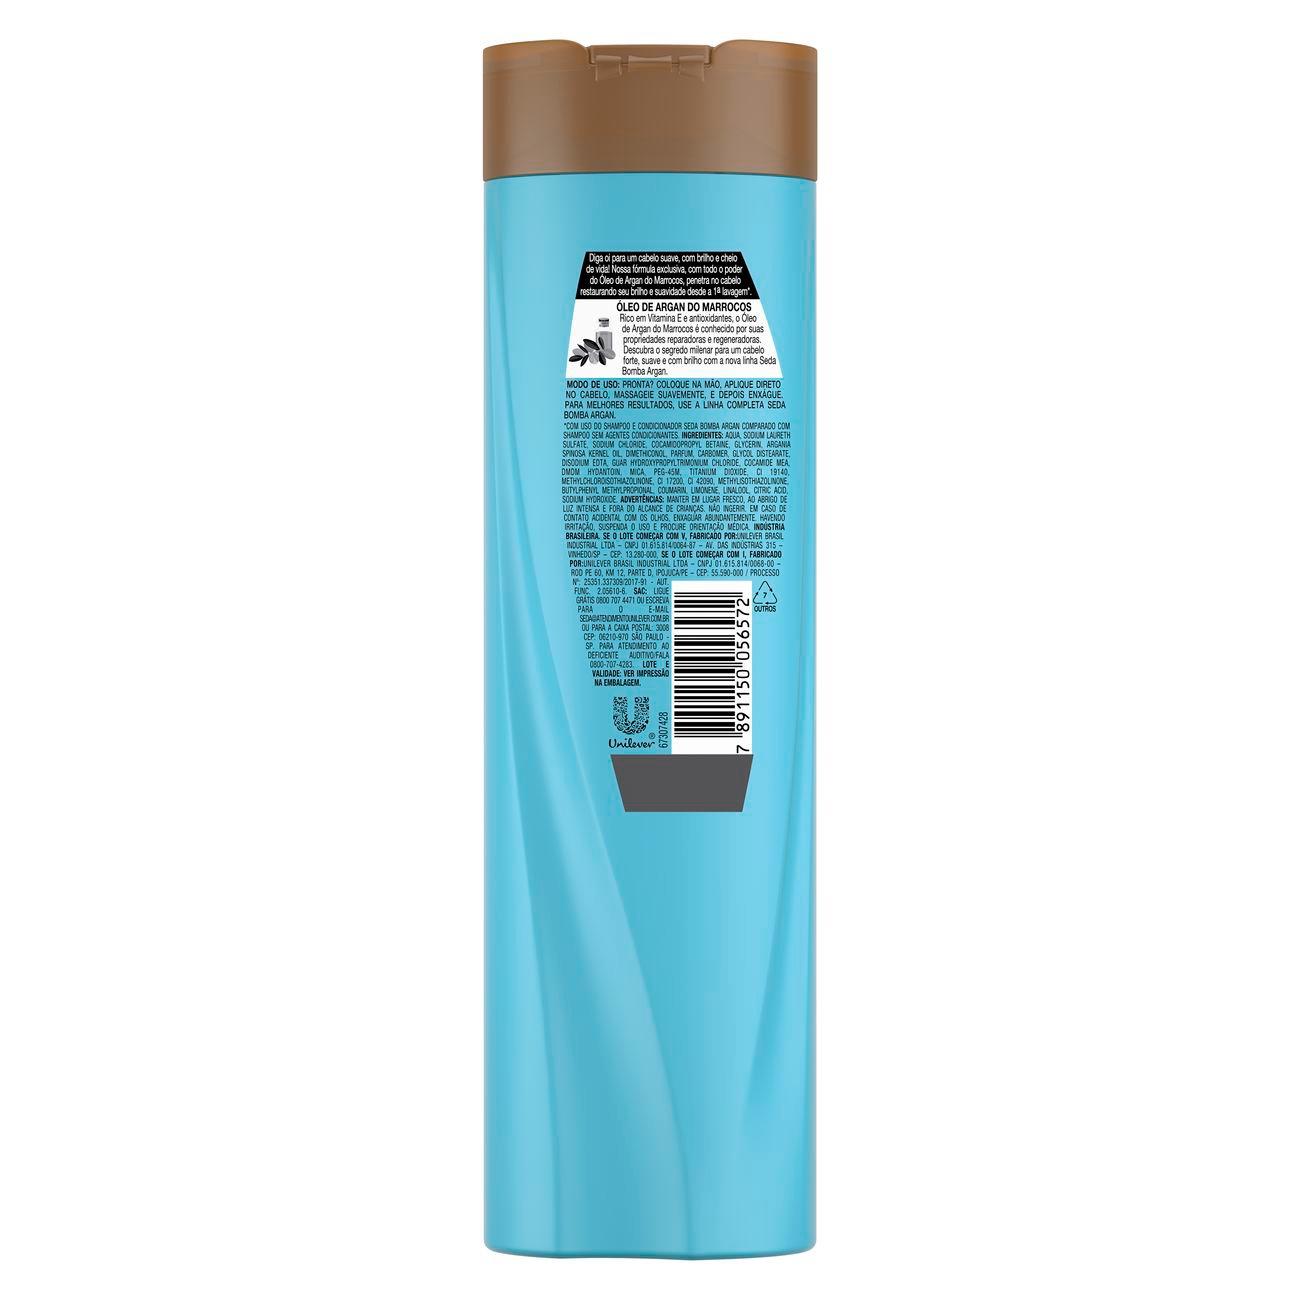 Shampoo Seda Bomba de Argan 325ml